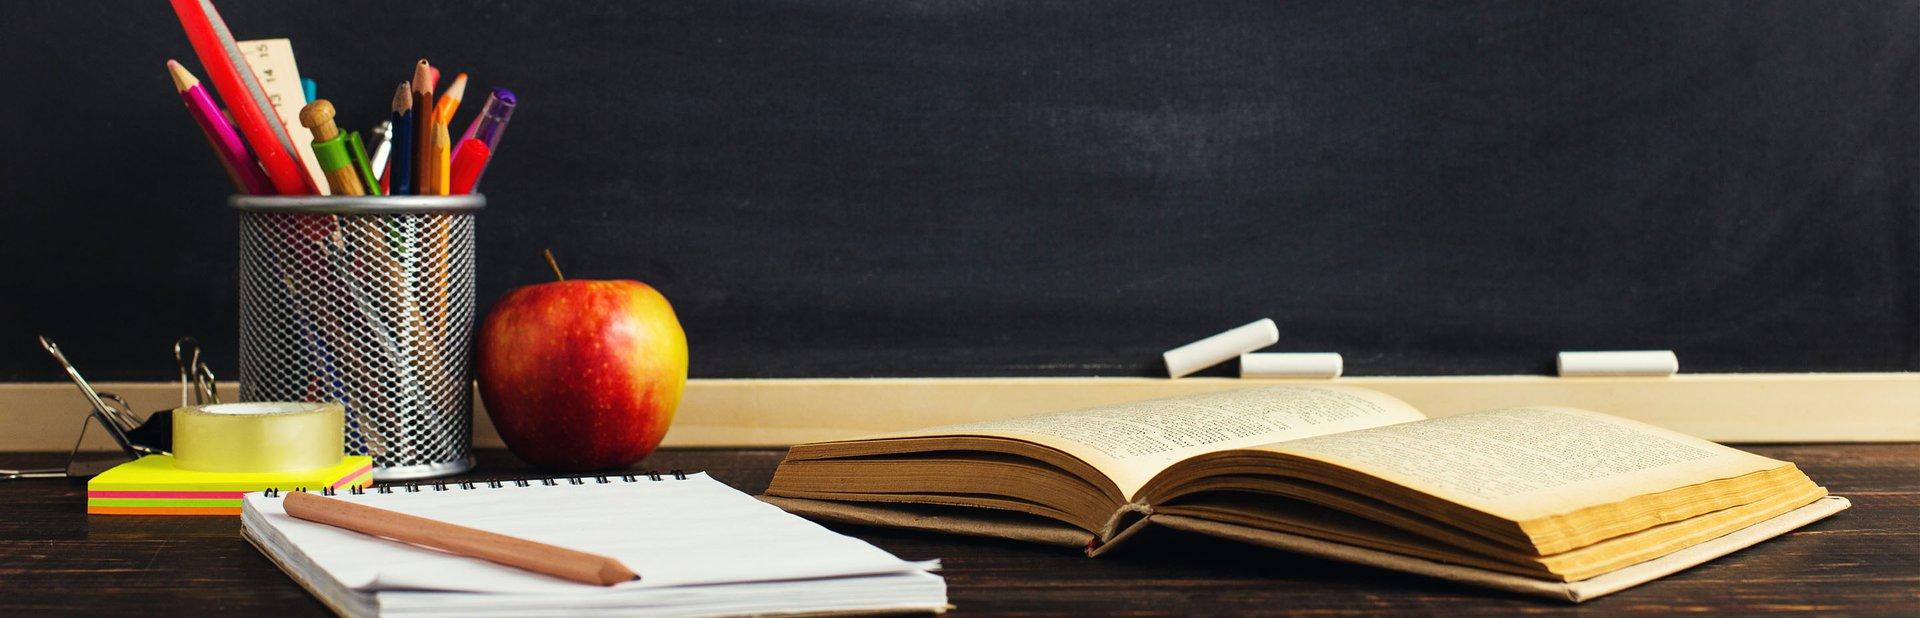 CABECERA-F2F-CICLO-formativo-area-Educacion.jpg